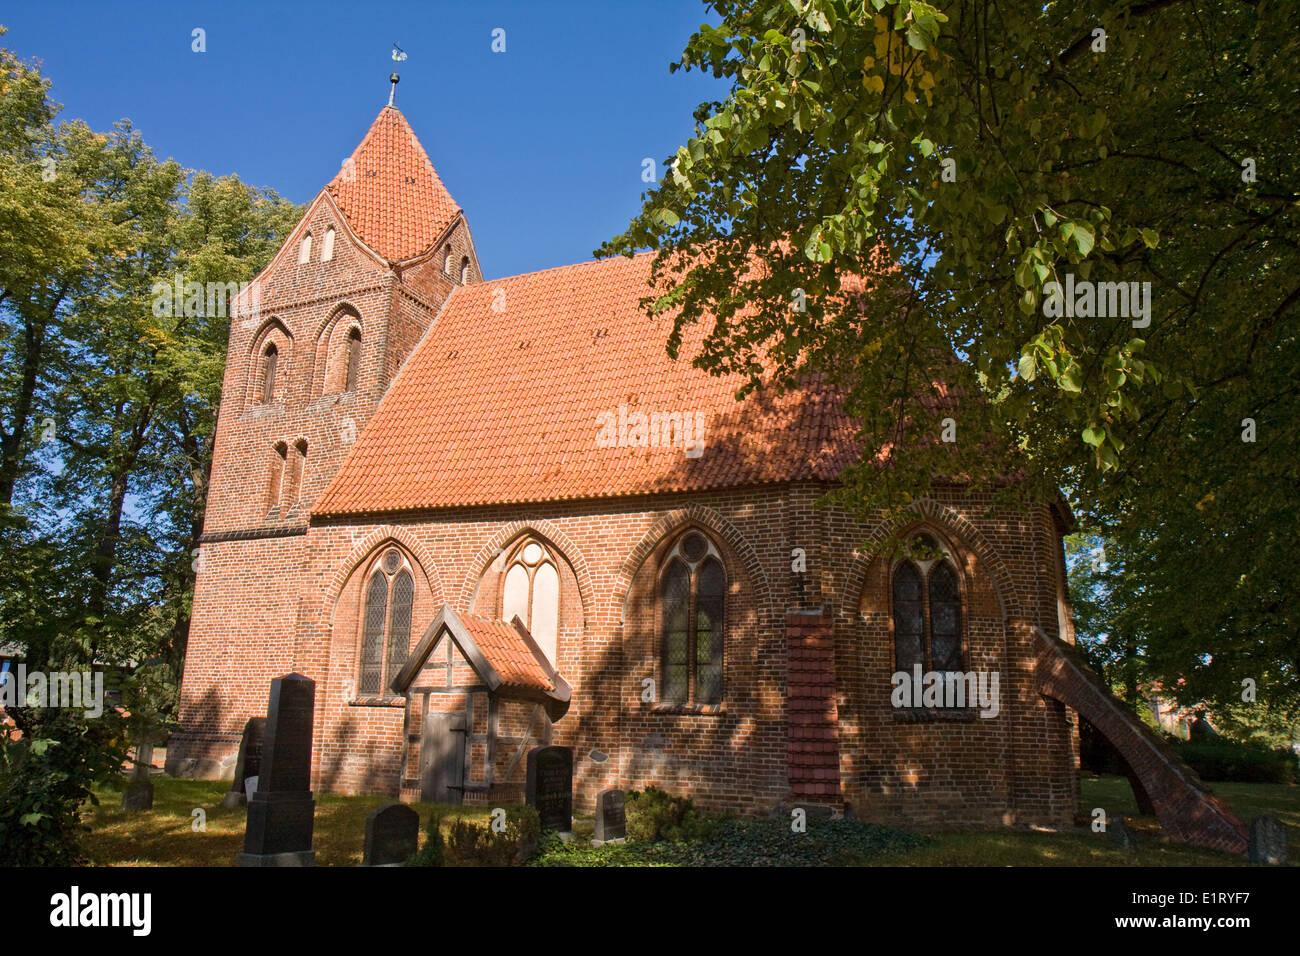 Europa, Deutschland, Mecklenburg-Vorpommern, Dorf Mecklenburg, Kirche - Stock Image